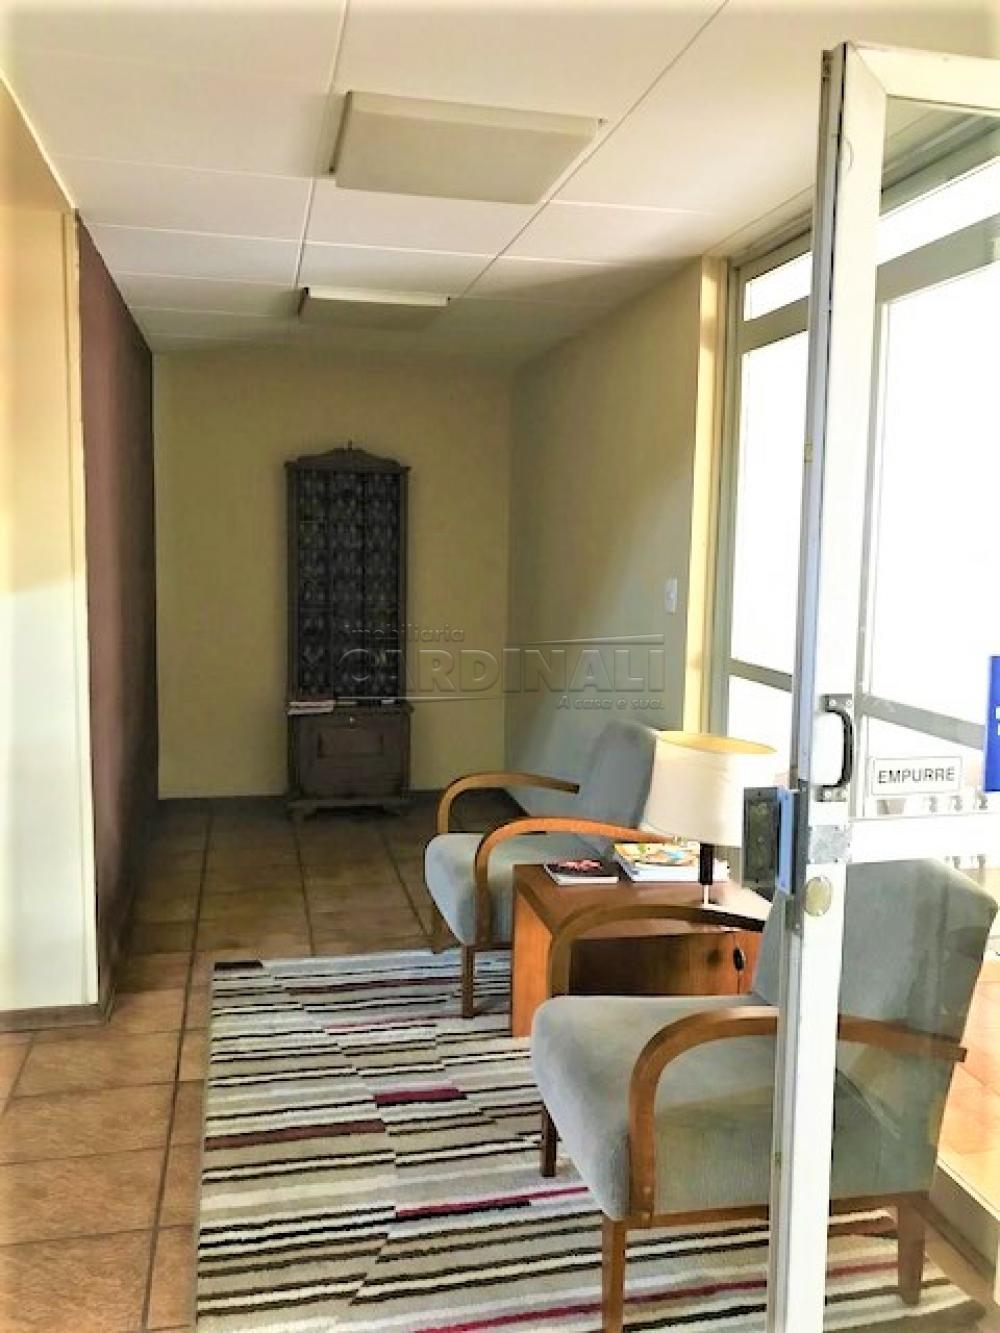 Comprar Apartamento / Padrão em São Carlos R$ 370.000,00 - Foto 6